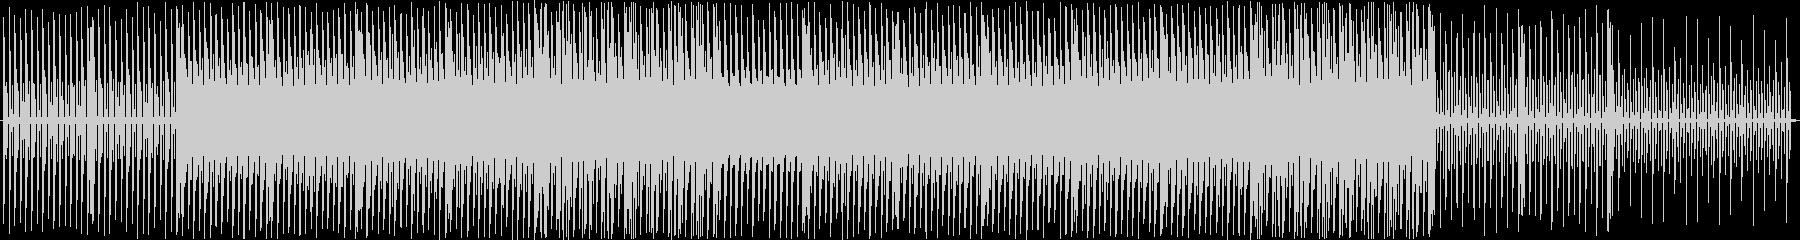 プログレッシブ。ピアノのレッスン。...の未再生の波形